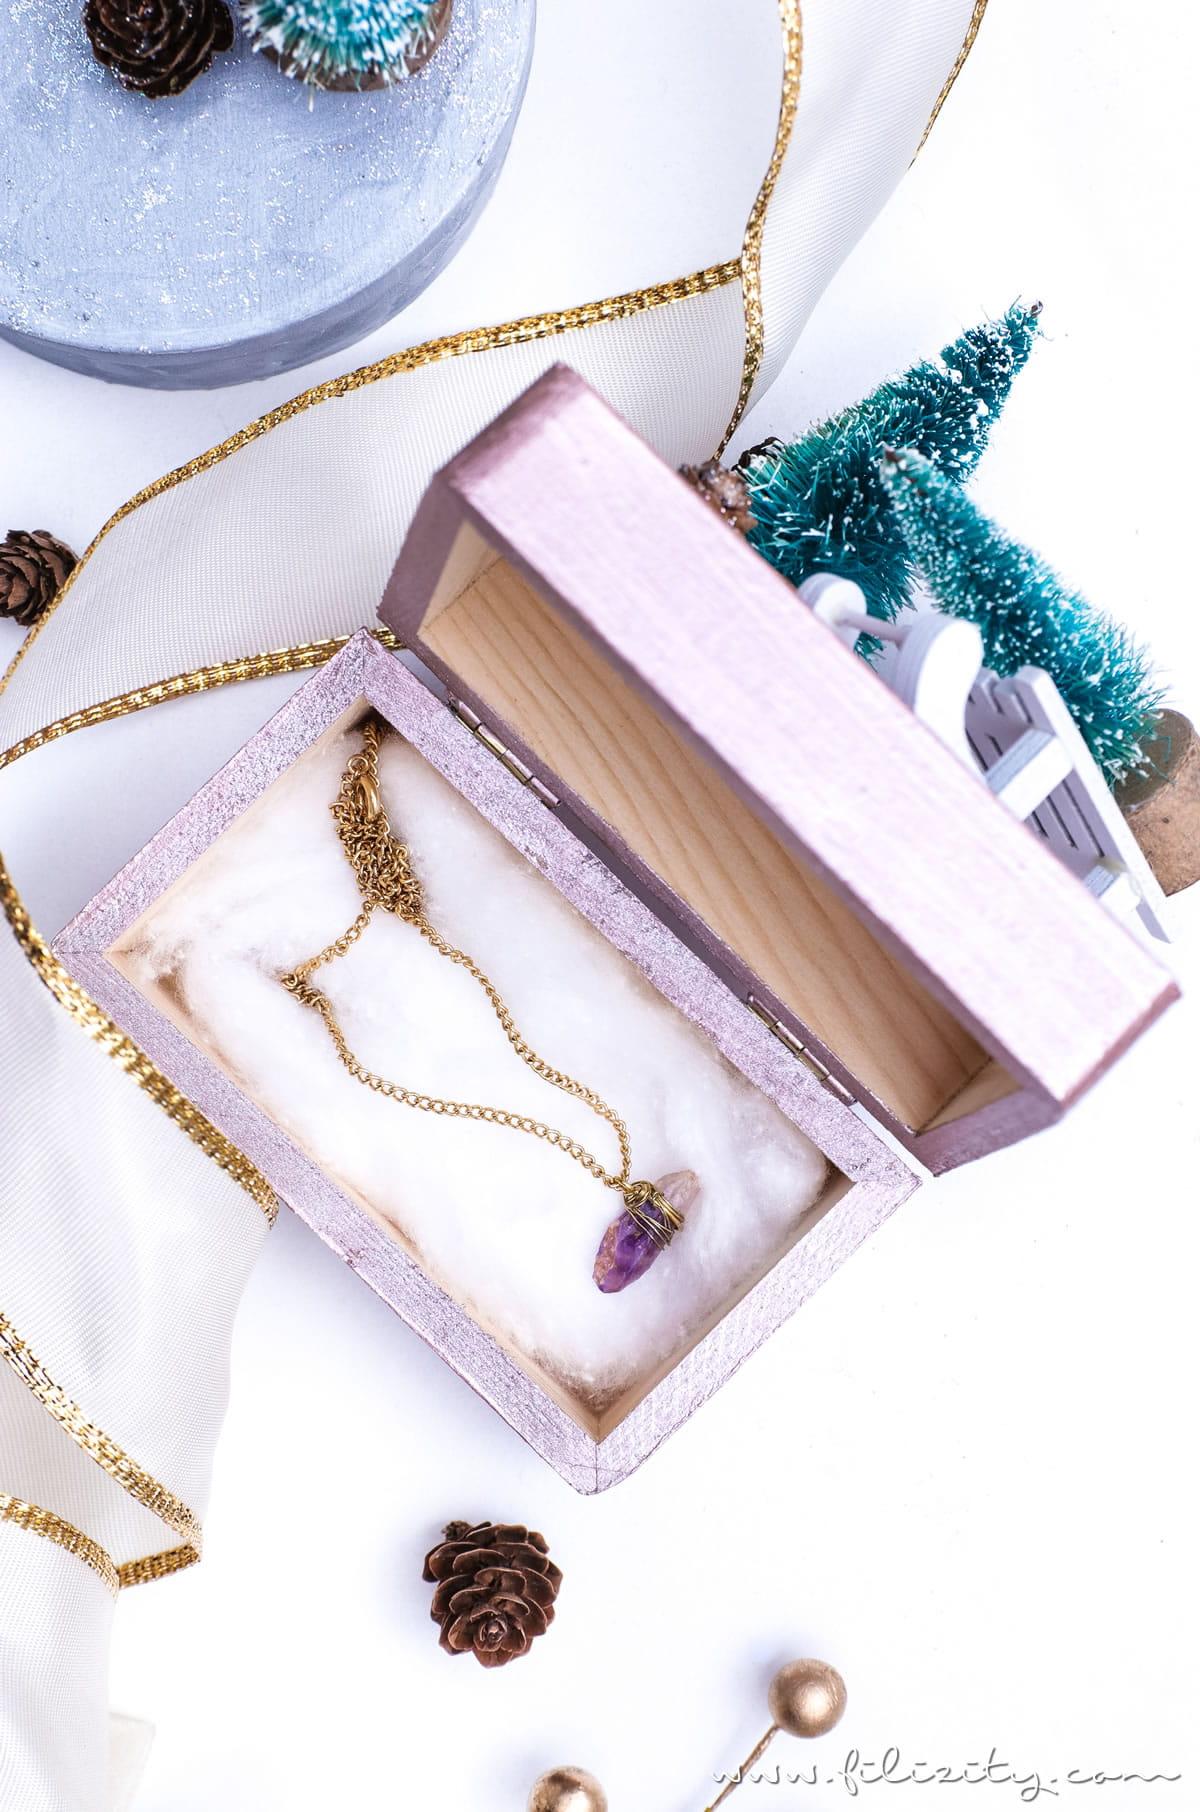 """Weihnachtsgeschenke verpacken: DIY Geschenkboxen """"Winterwald"""" aus alten Holzschachteln   Geschenkverpackung und Deko-Idee mit Tannenbaum, Schlitten & Co.   Filizity.com   DIY-Blog aus dem Rheinland #weihnachten #geschenkidee #weihnachtsgeschenke #ohtannenbaum"""